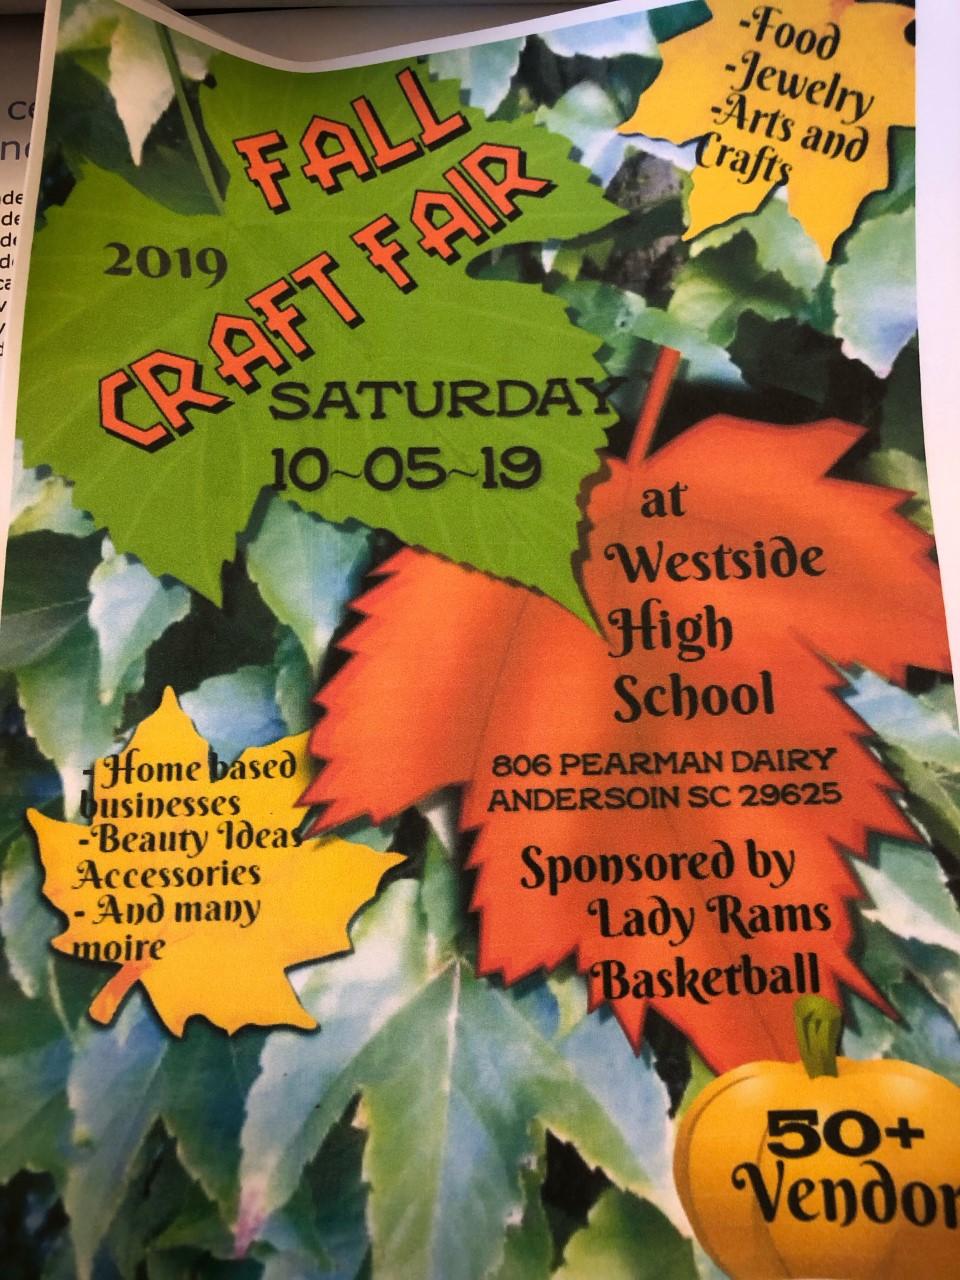 Lady Rams Fall Craft Fair